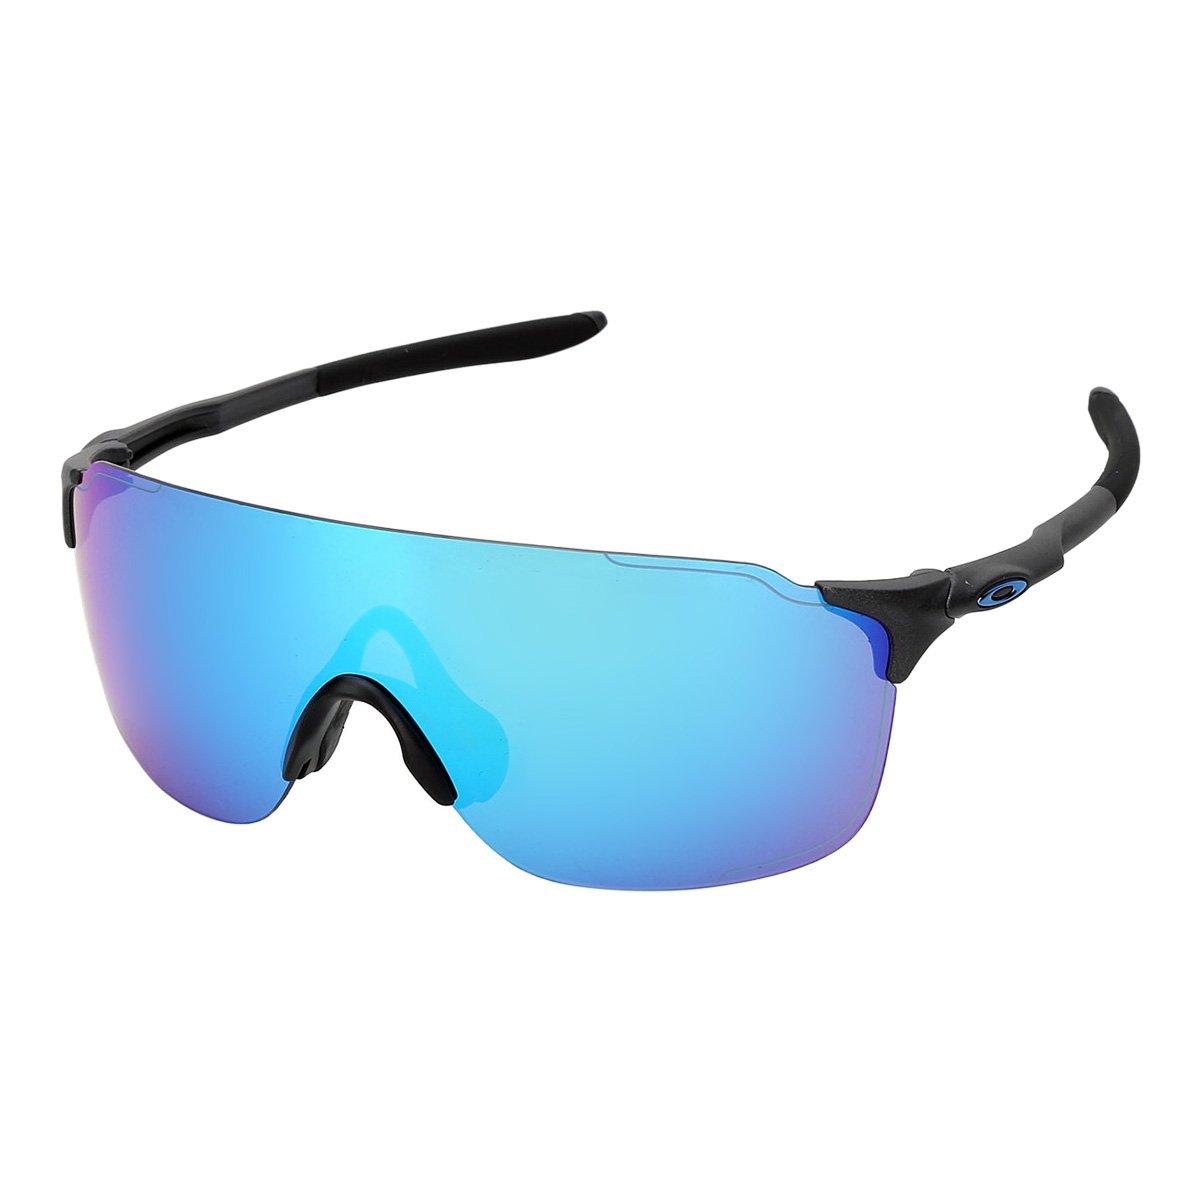 77948e7ddd0d1 Óculos Oakley Evzero Stride Iridium Polarizado - Compre Agora